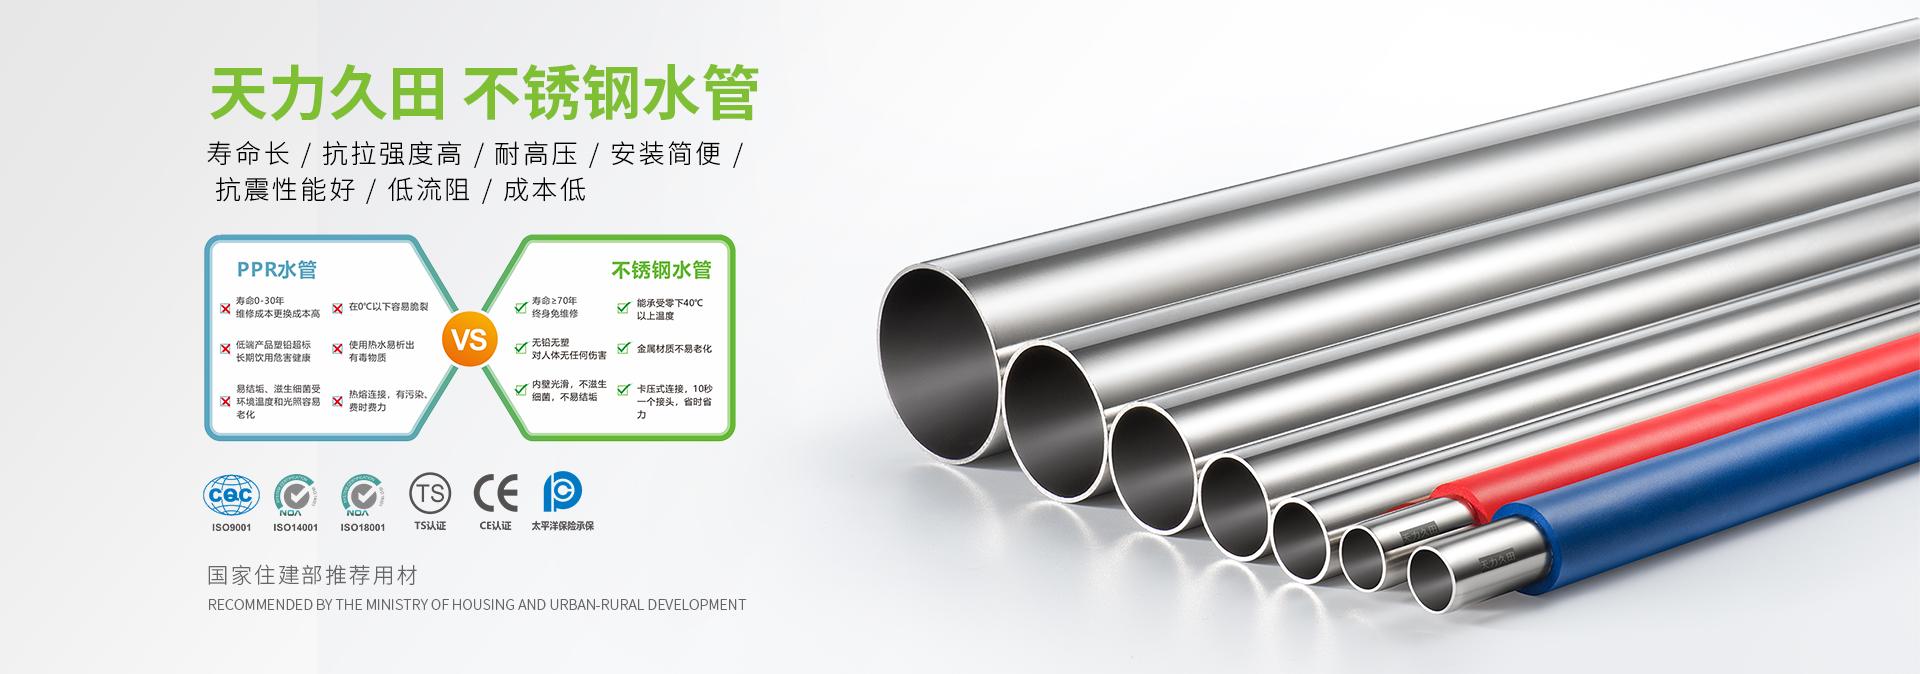 天力久田不锈钢水管产品资质